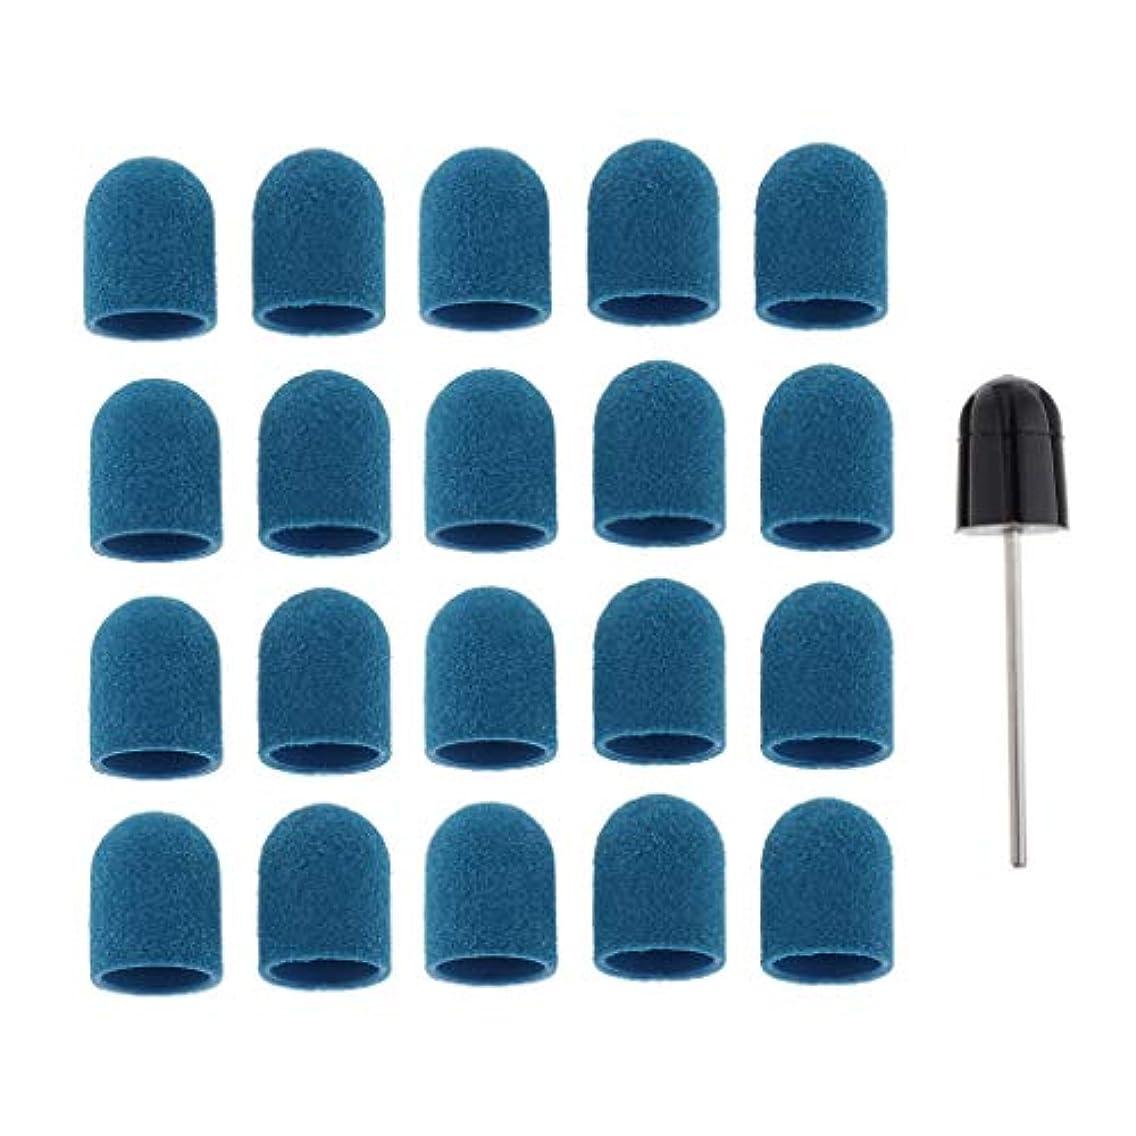 失敗繰り返しケーキDYNWAVE ネイルアート 研磨ビットキャップ ドリルビットバフ 研削ビットバフ プロ 初心者 適用 約20本 全5カラー - 青